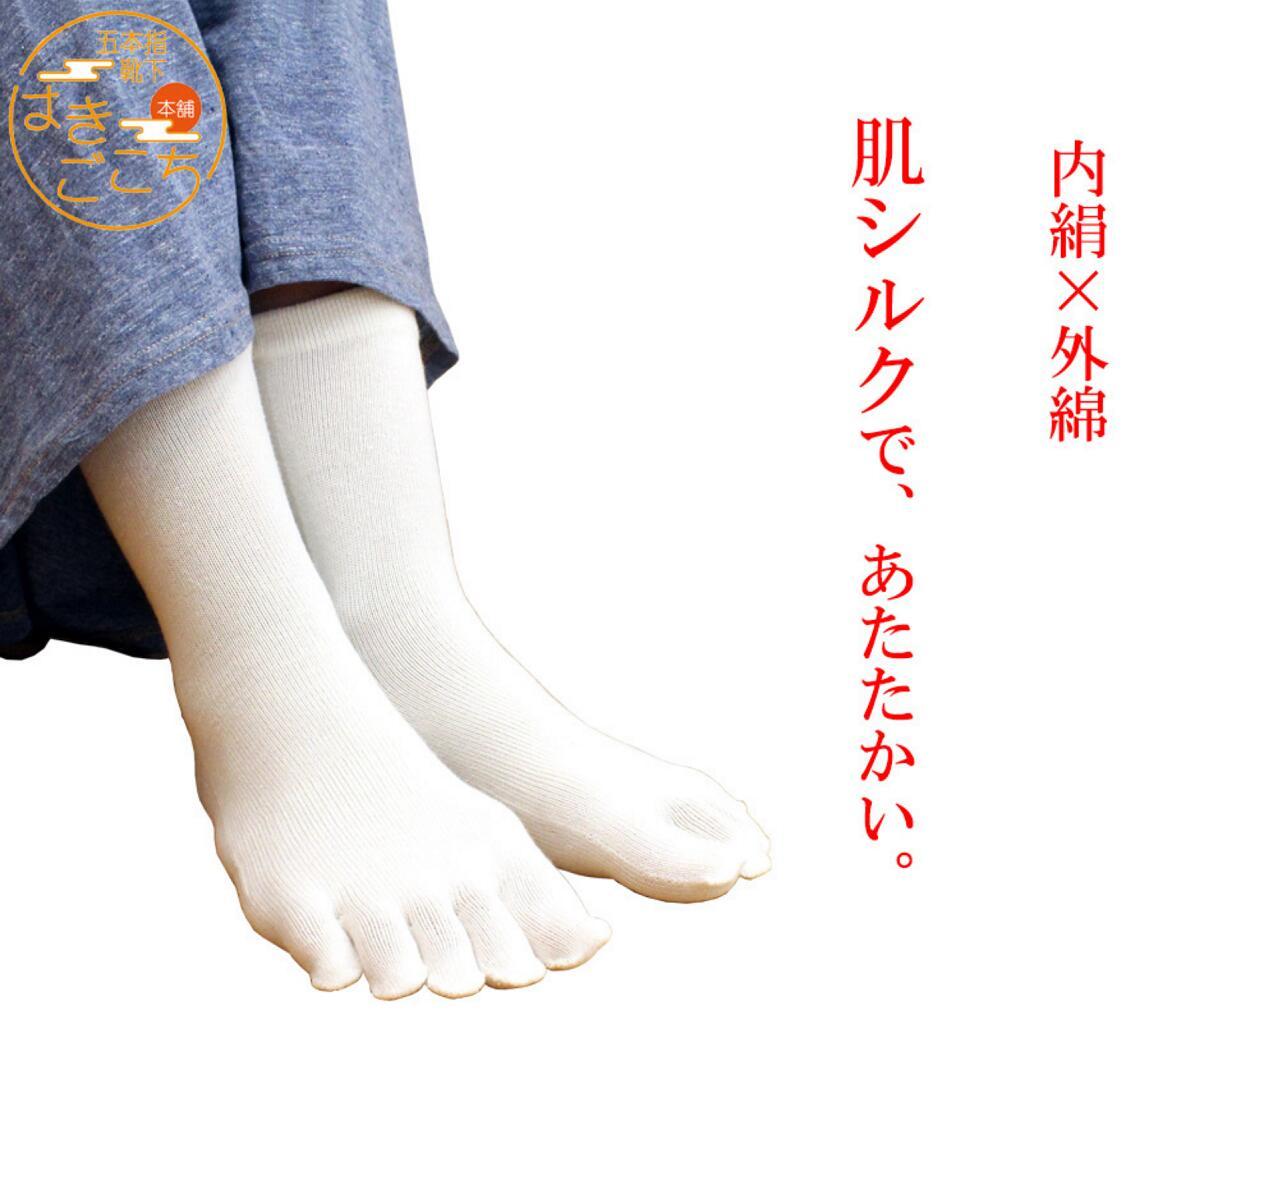 【ふるさと納税】STK12 五本指肌シルクソックス3足セット(クルー丈/22~24cm/婦人サイズ/オフホワイト/すべり止めなし)